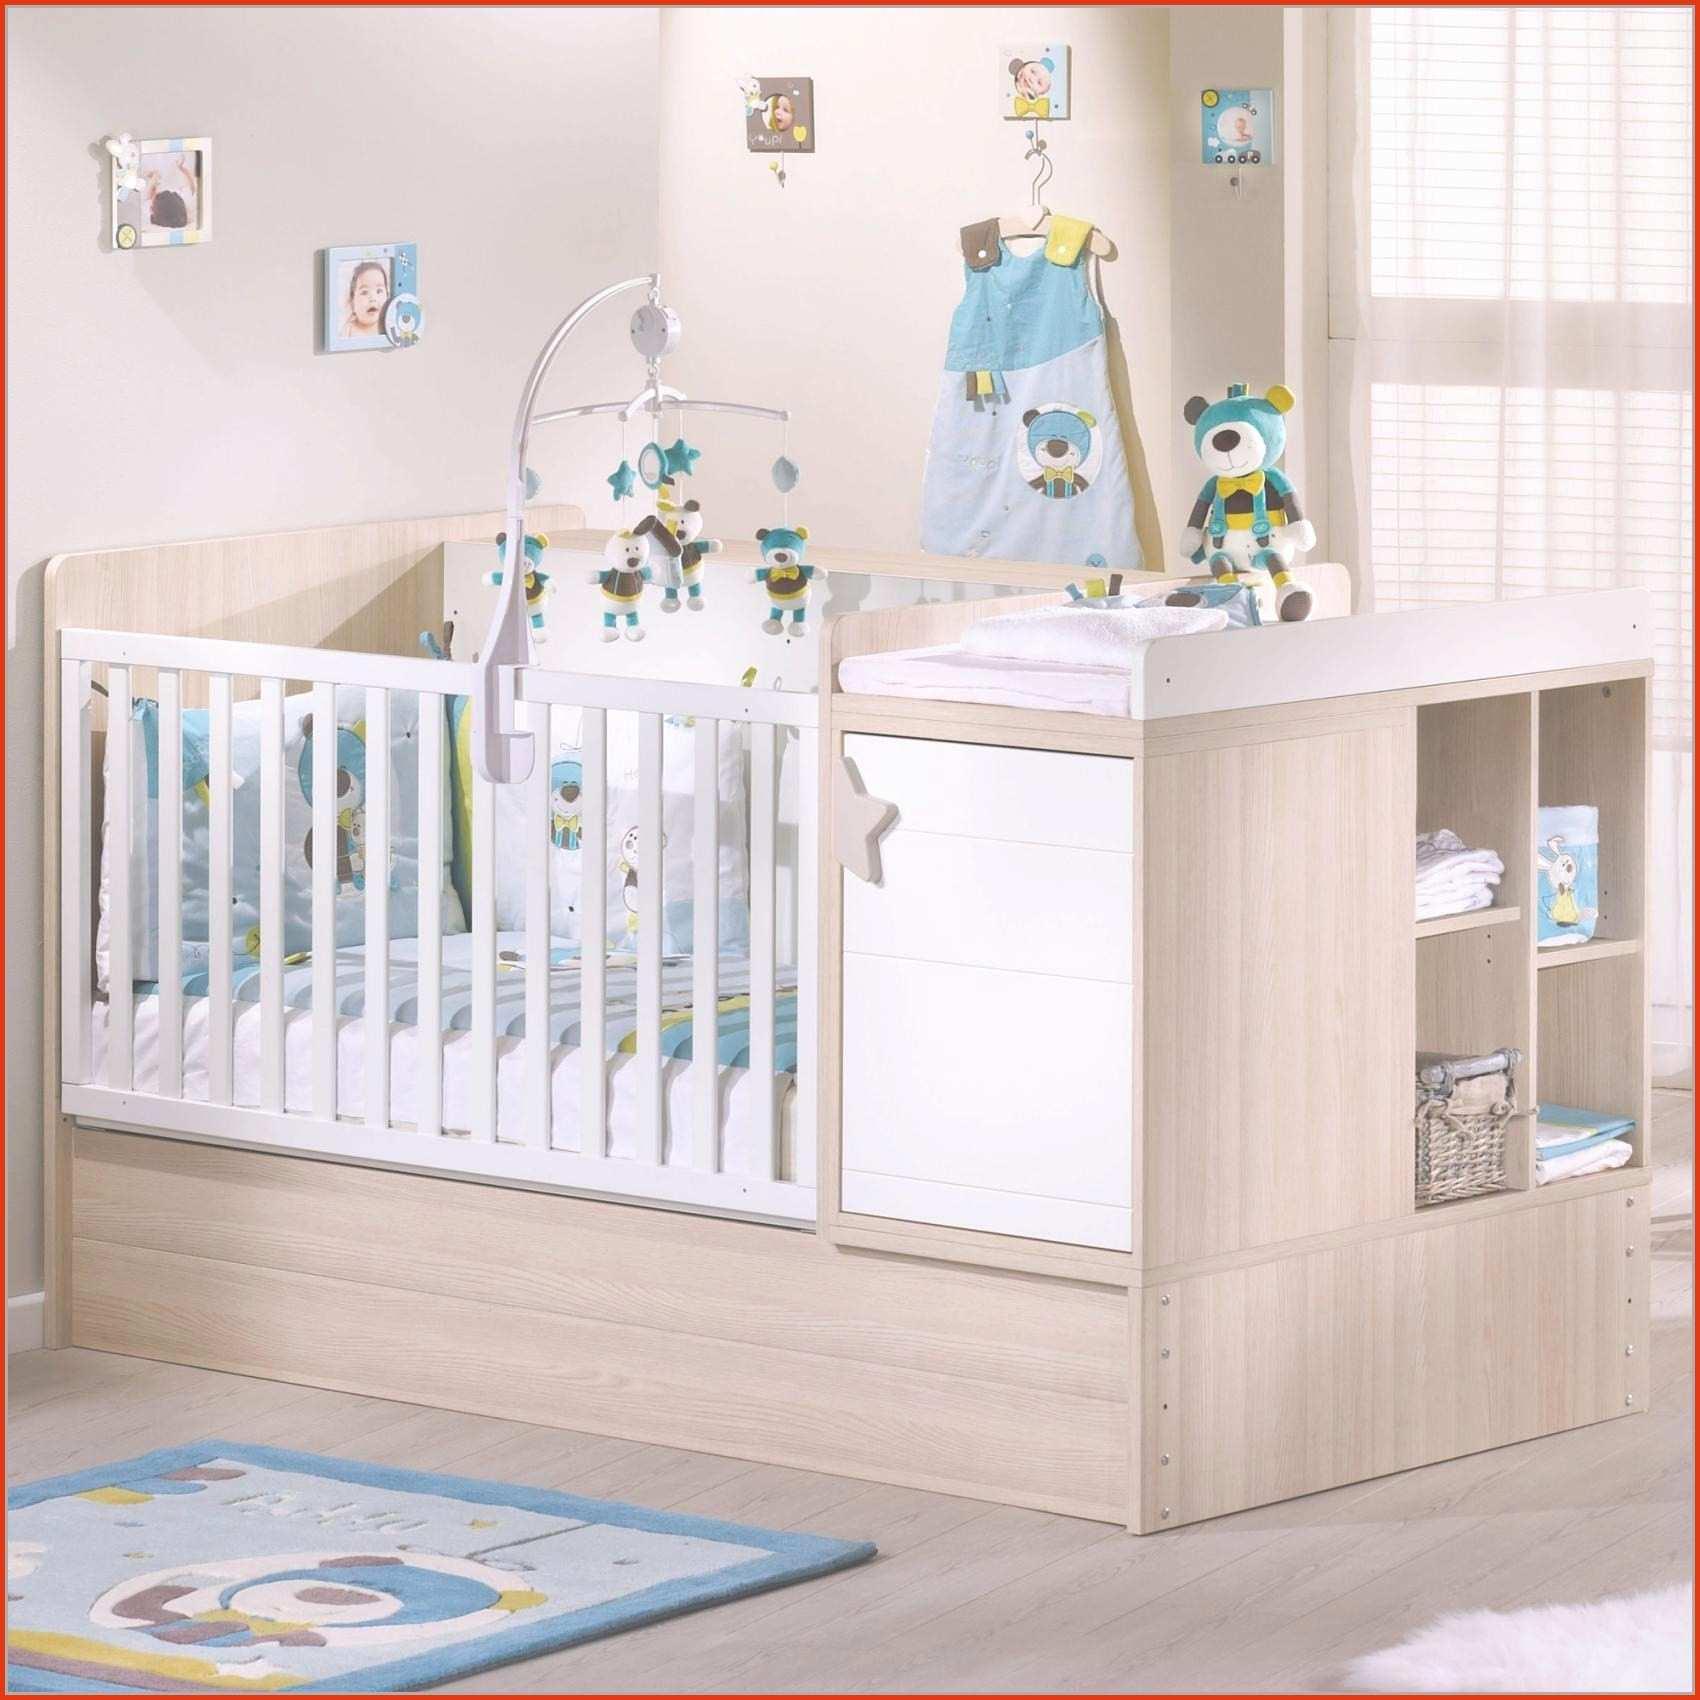 Chambre bébé winnie occasion - Idées de tricot gratuit